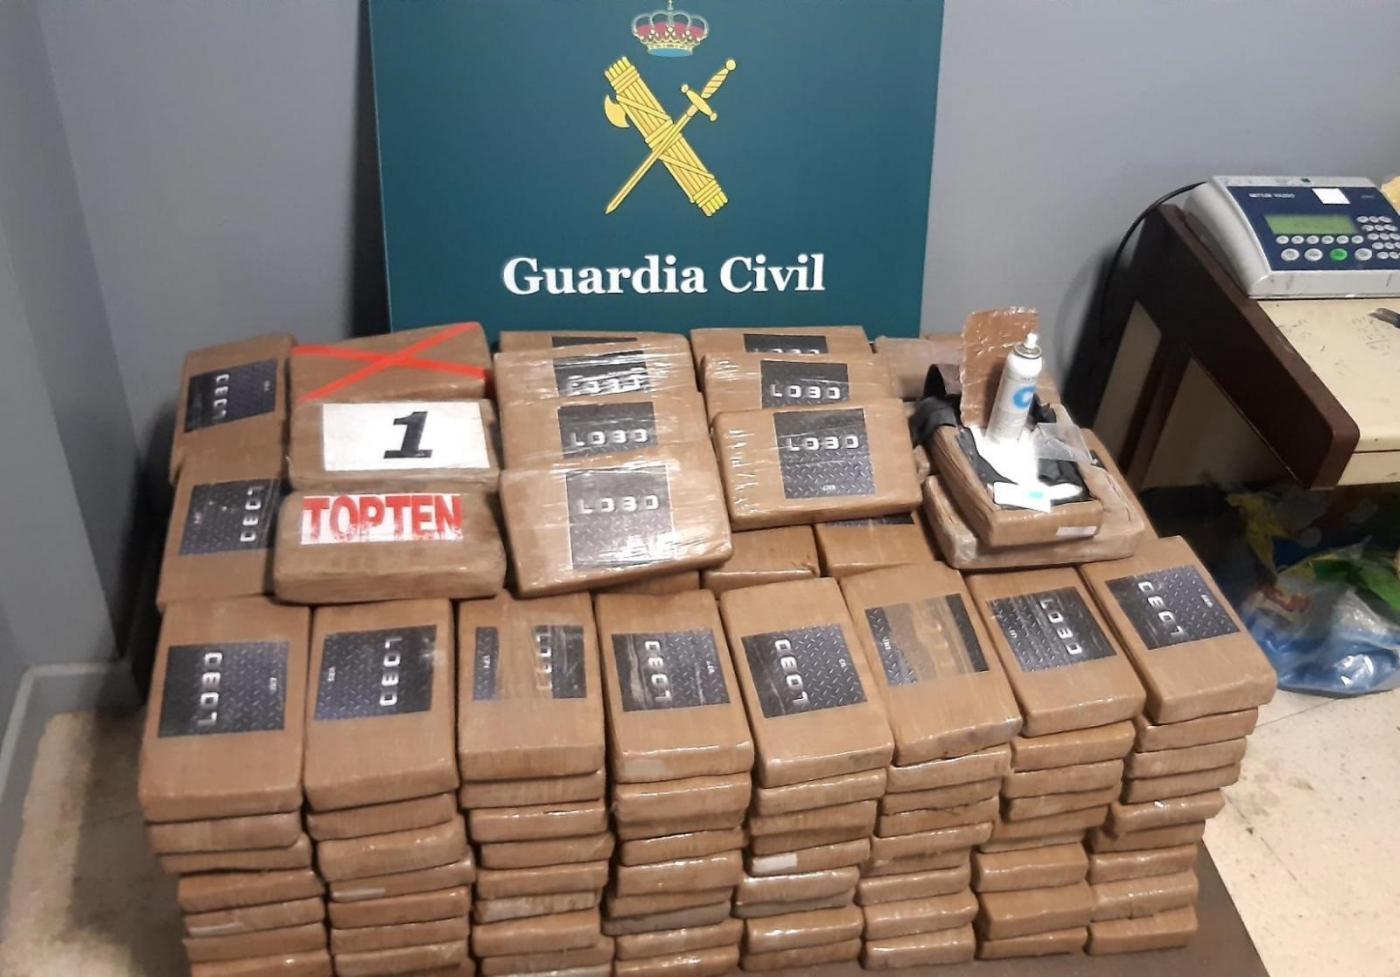 Intervenidos 270 kilos de cocaína ocultos en un contenedor en el puerto de Algeciras